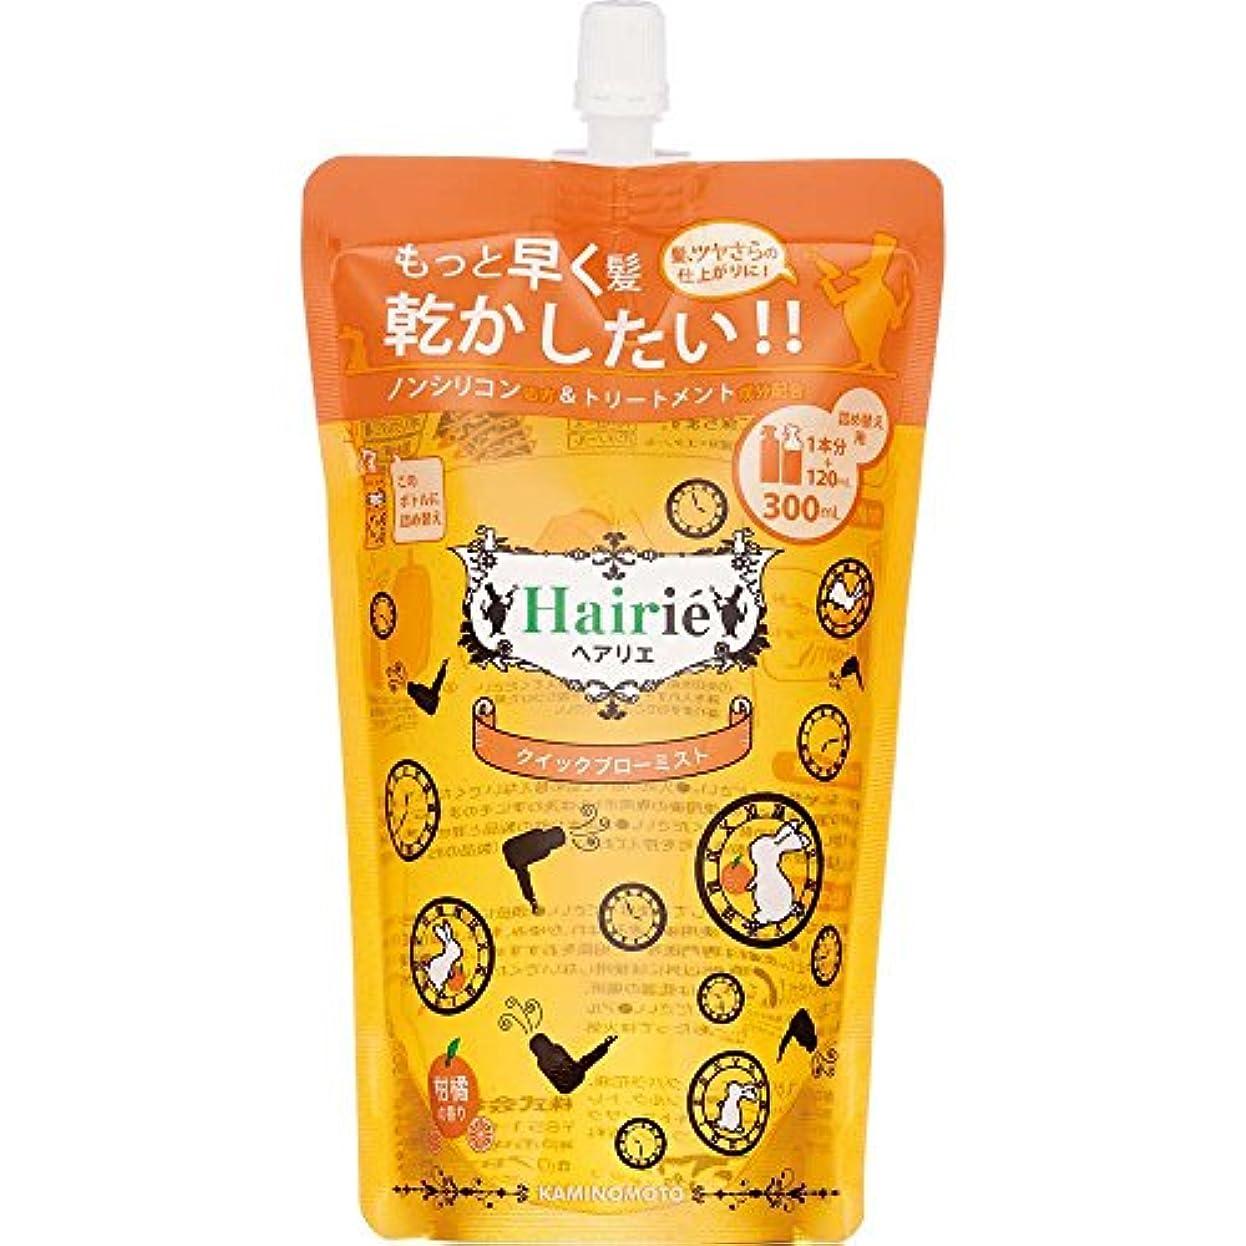 繁栄するロードハウスサンダースヘアリエ クイックブローミスト 柑橘の香り 詰め替え 300mL